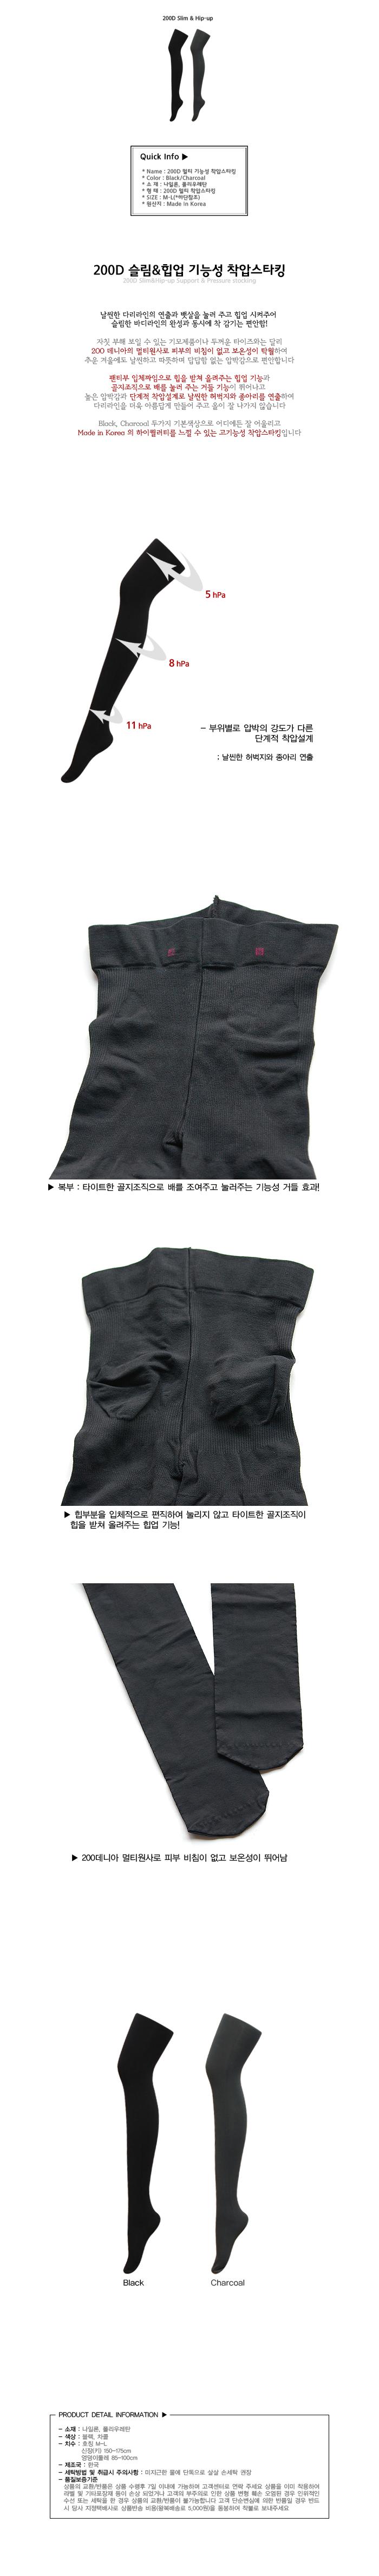 200D 슬림앤힙업 기능성 착압스타킹 입체설계 각선미개선 보온 - 시크릿, 17,900원, 스타킹, 기모스타킹